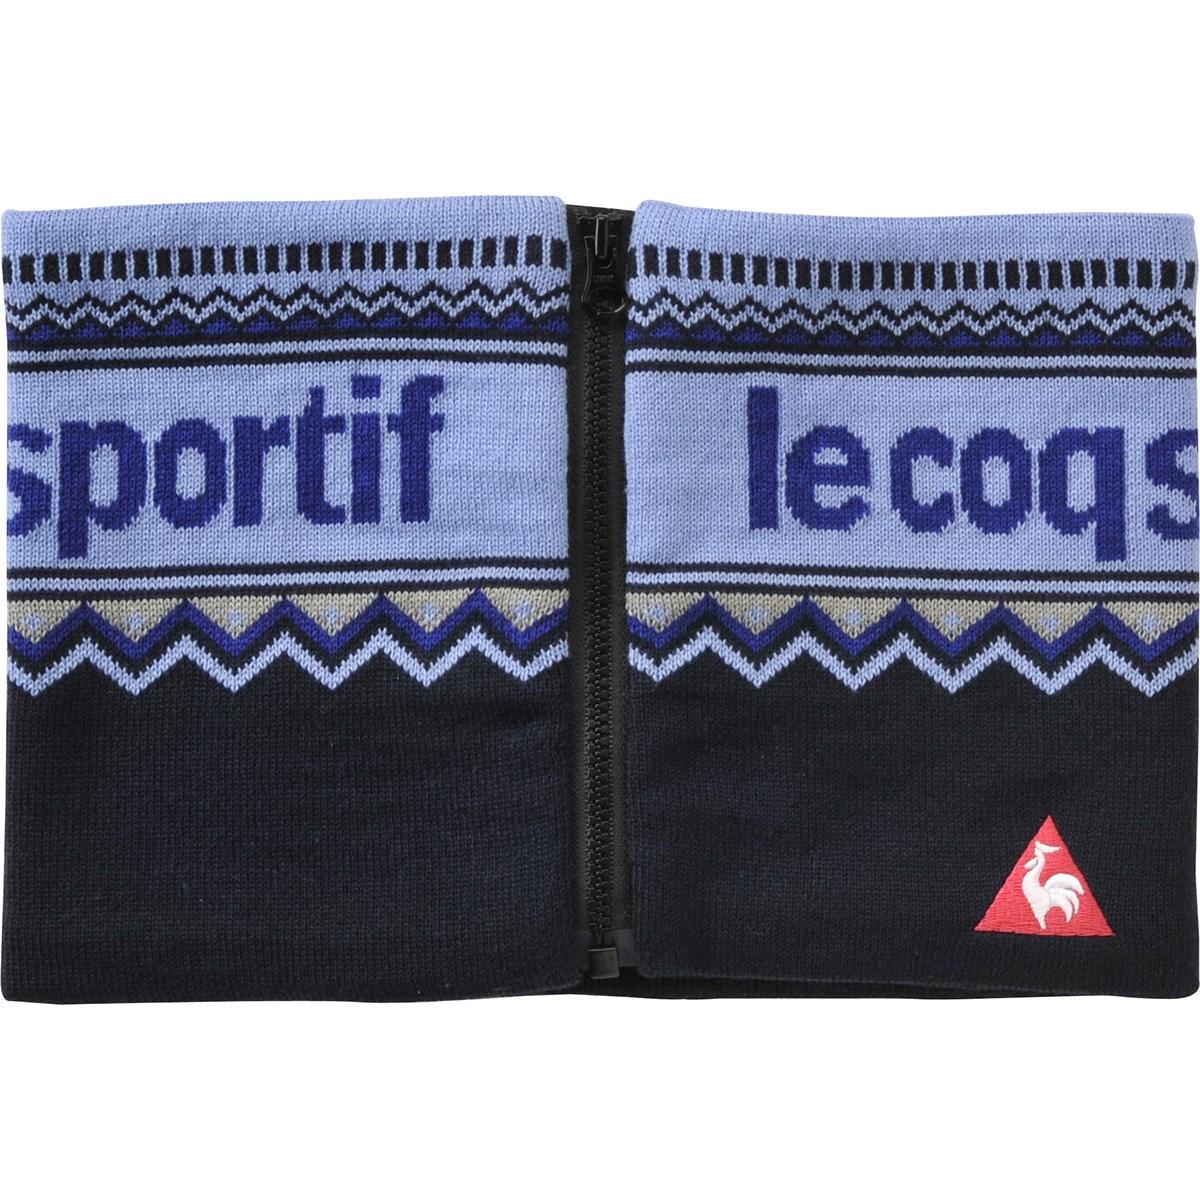 ルコックゴルフ Le coq sportif GOLF ネックウォーマー ネイビー 00 フリー レディス